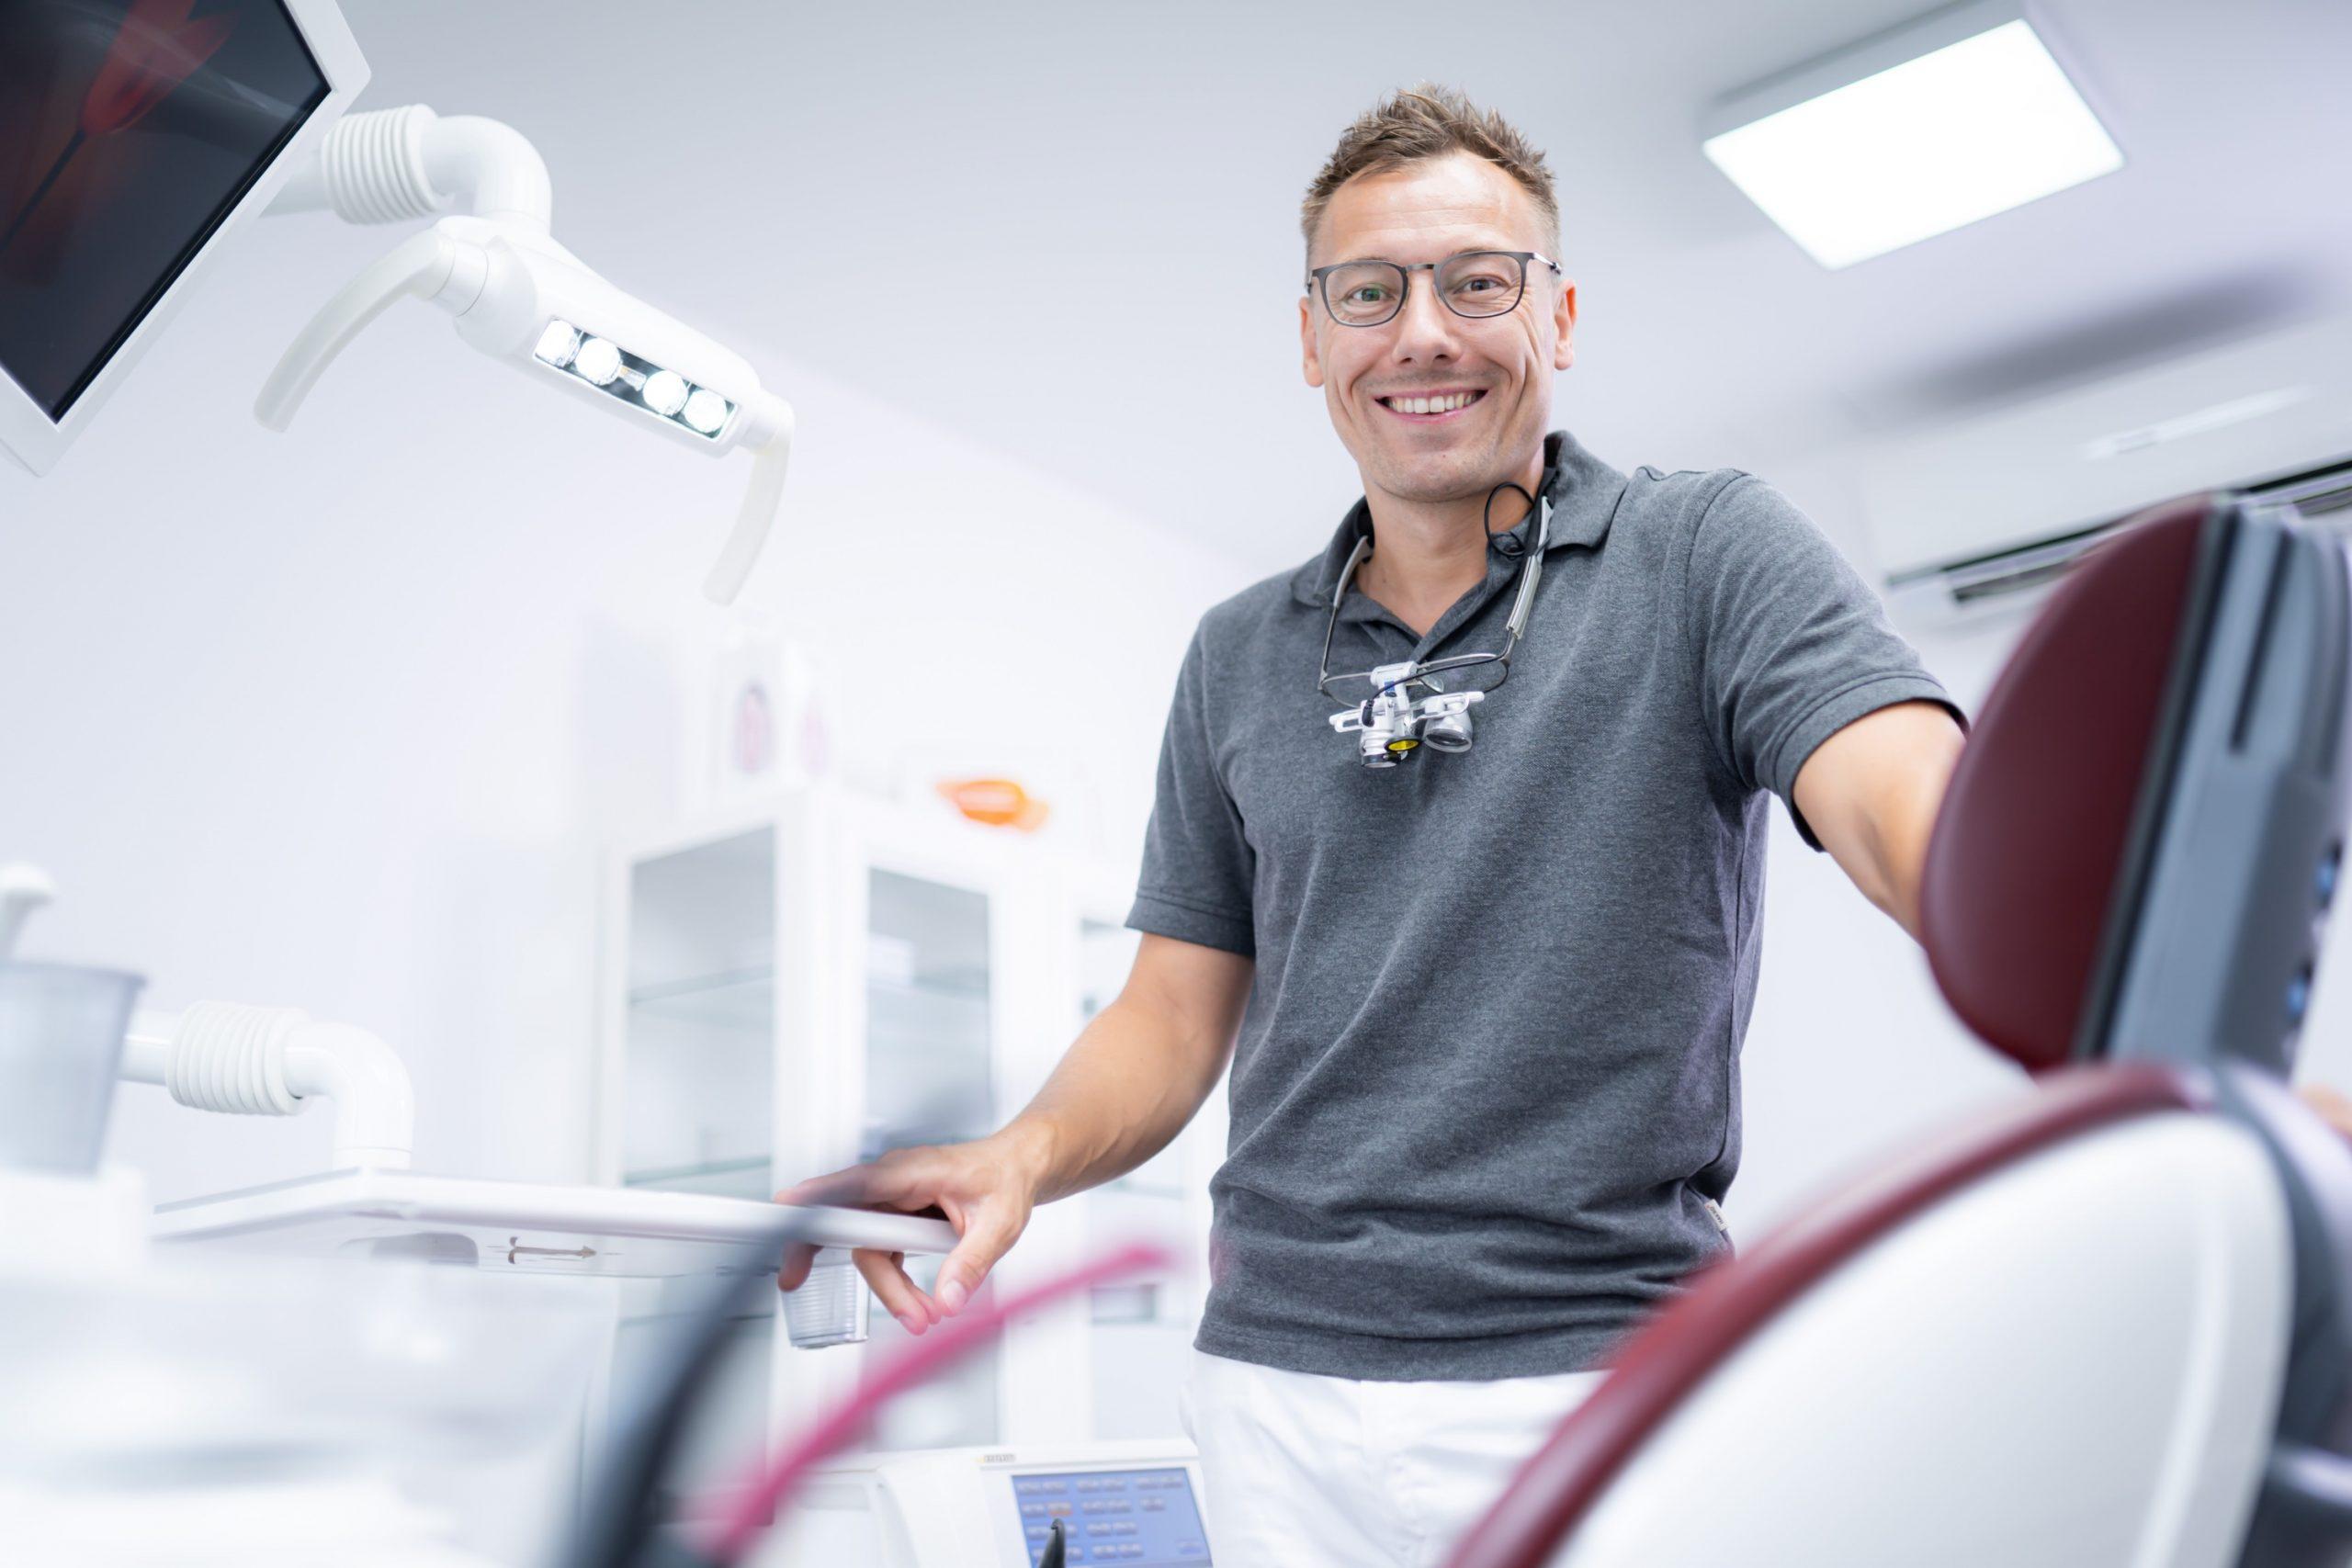 Professionelle Praxis-Fotografie für Arzt/Zahnarzt